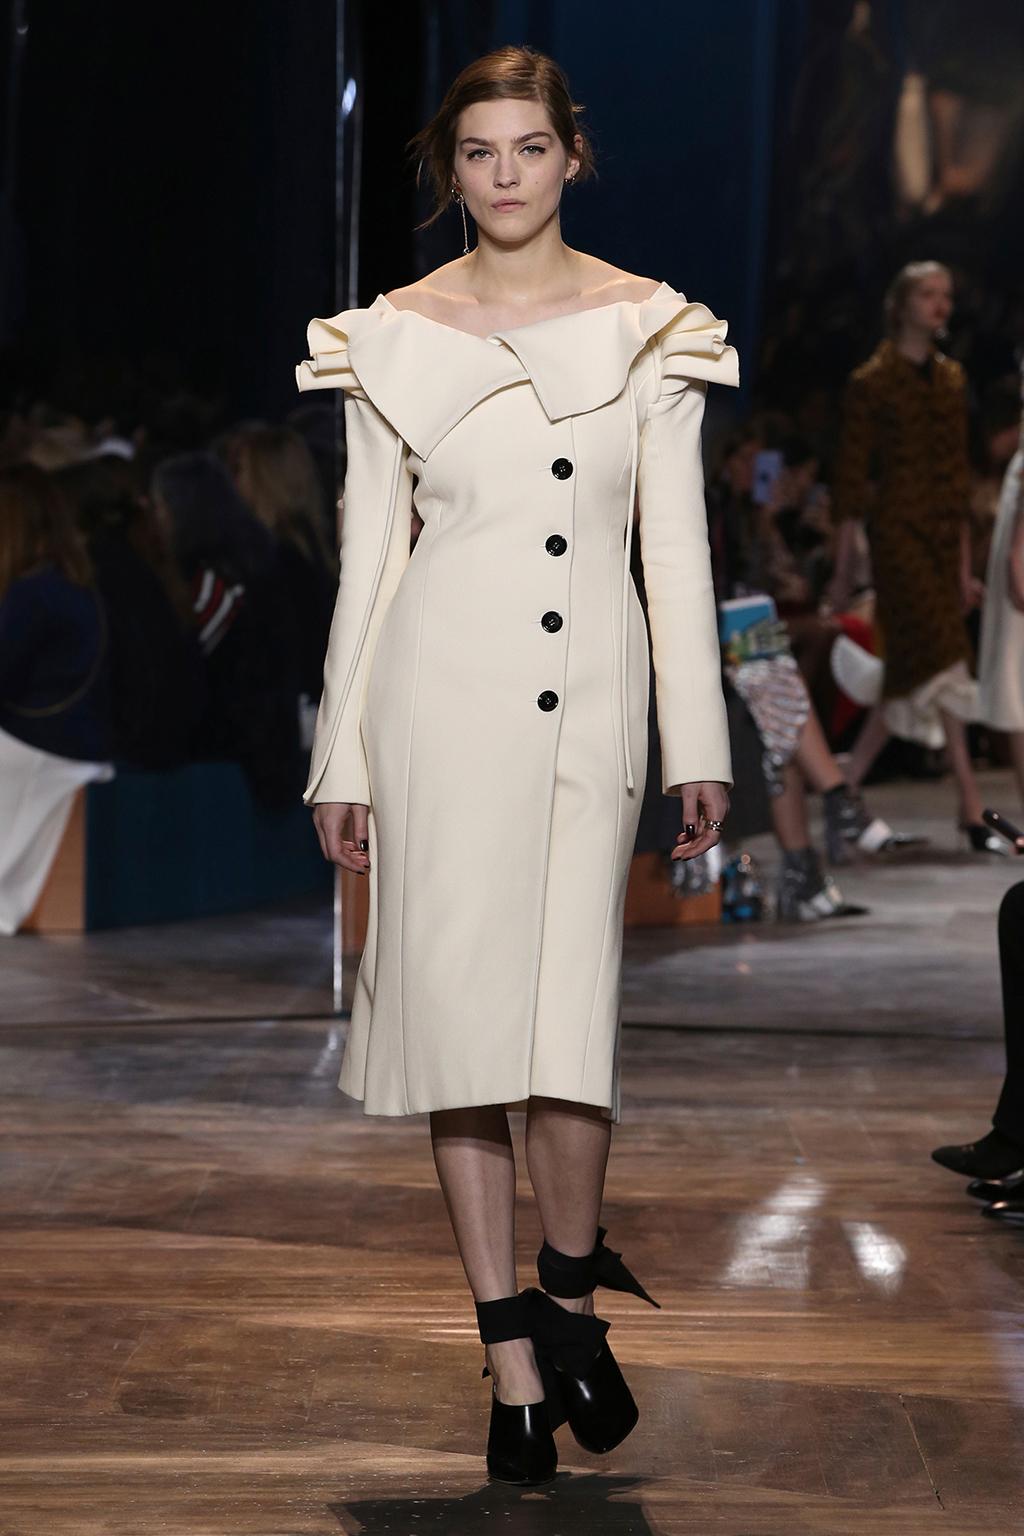 Dior-Couture-Silhouette-17